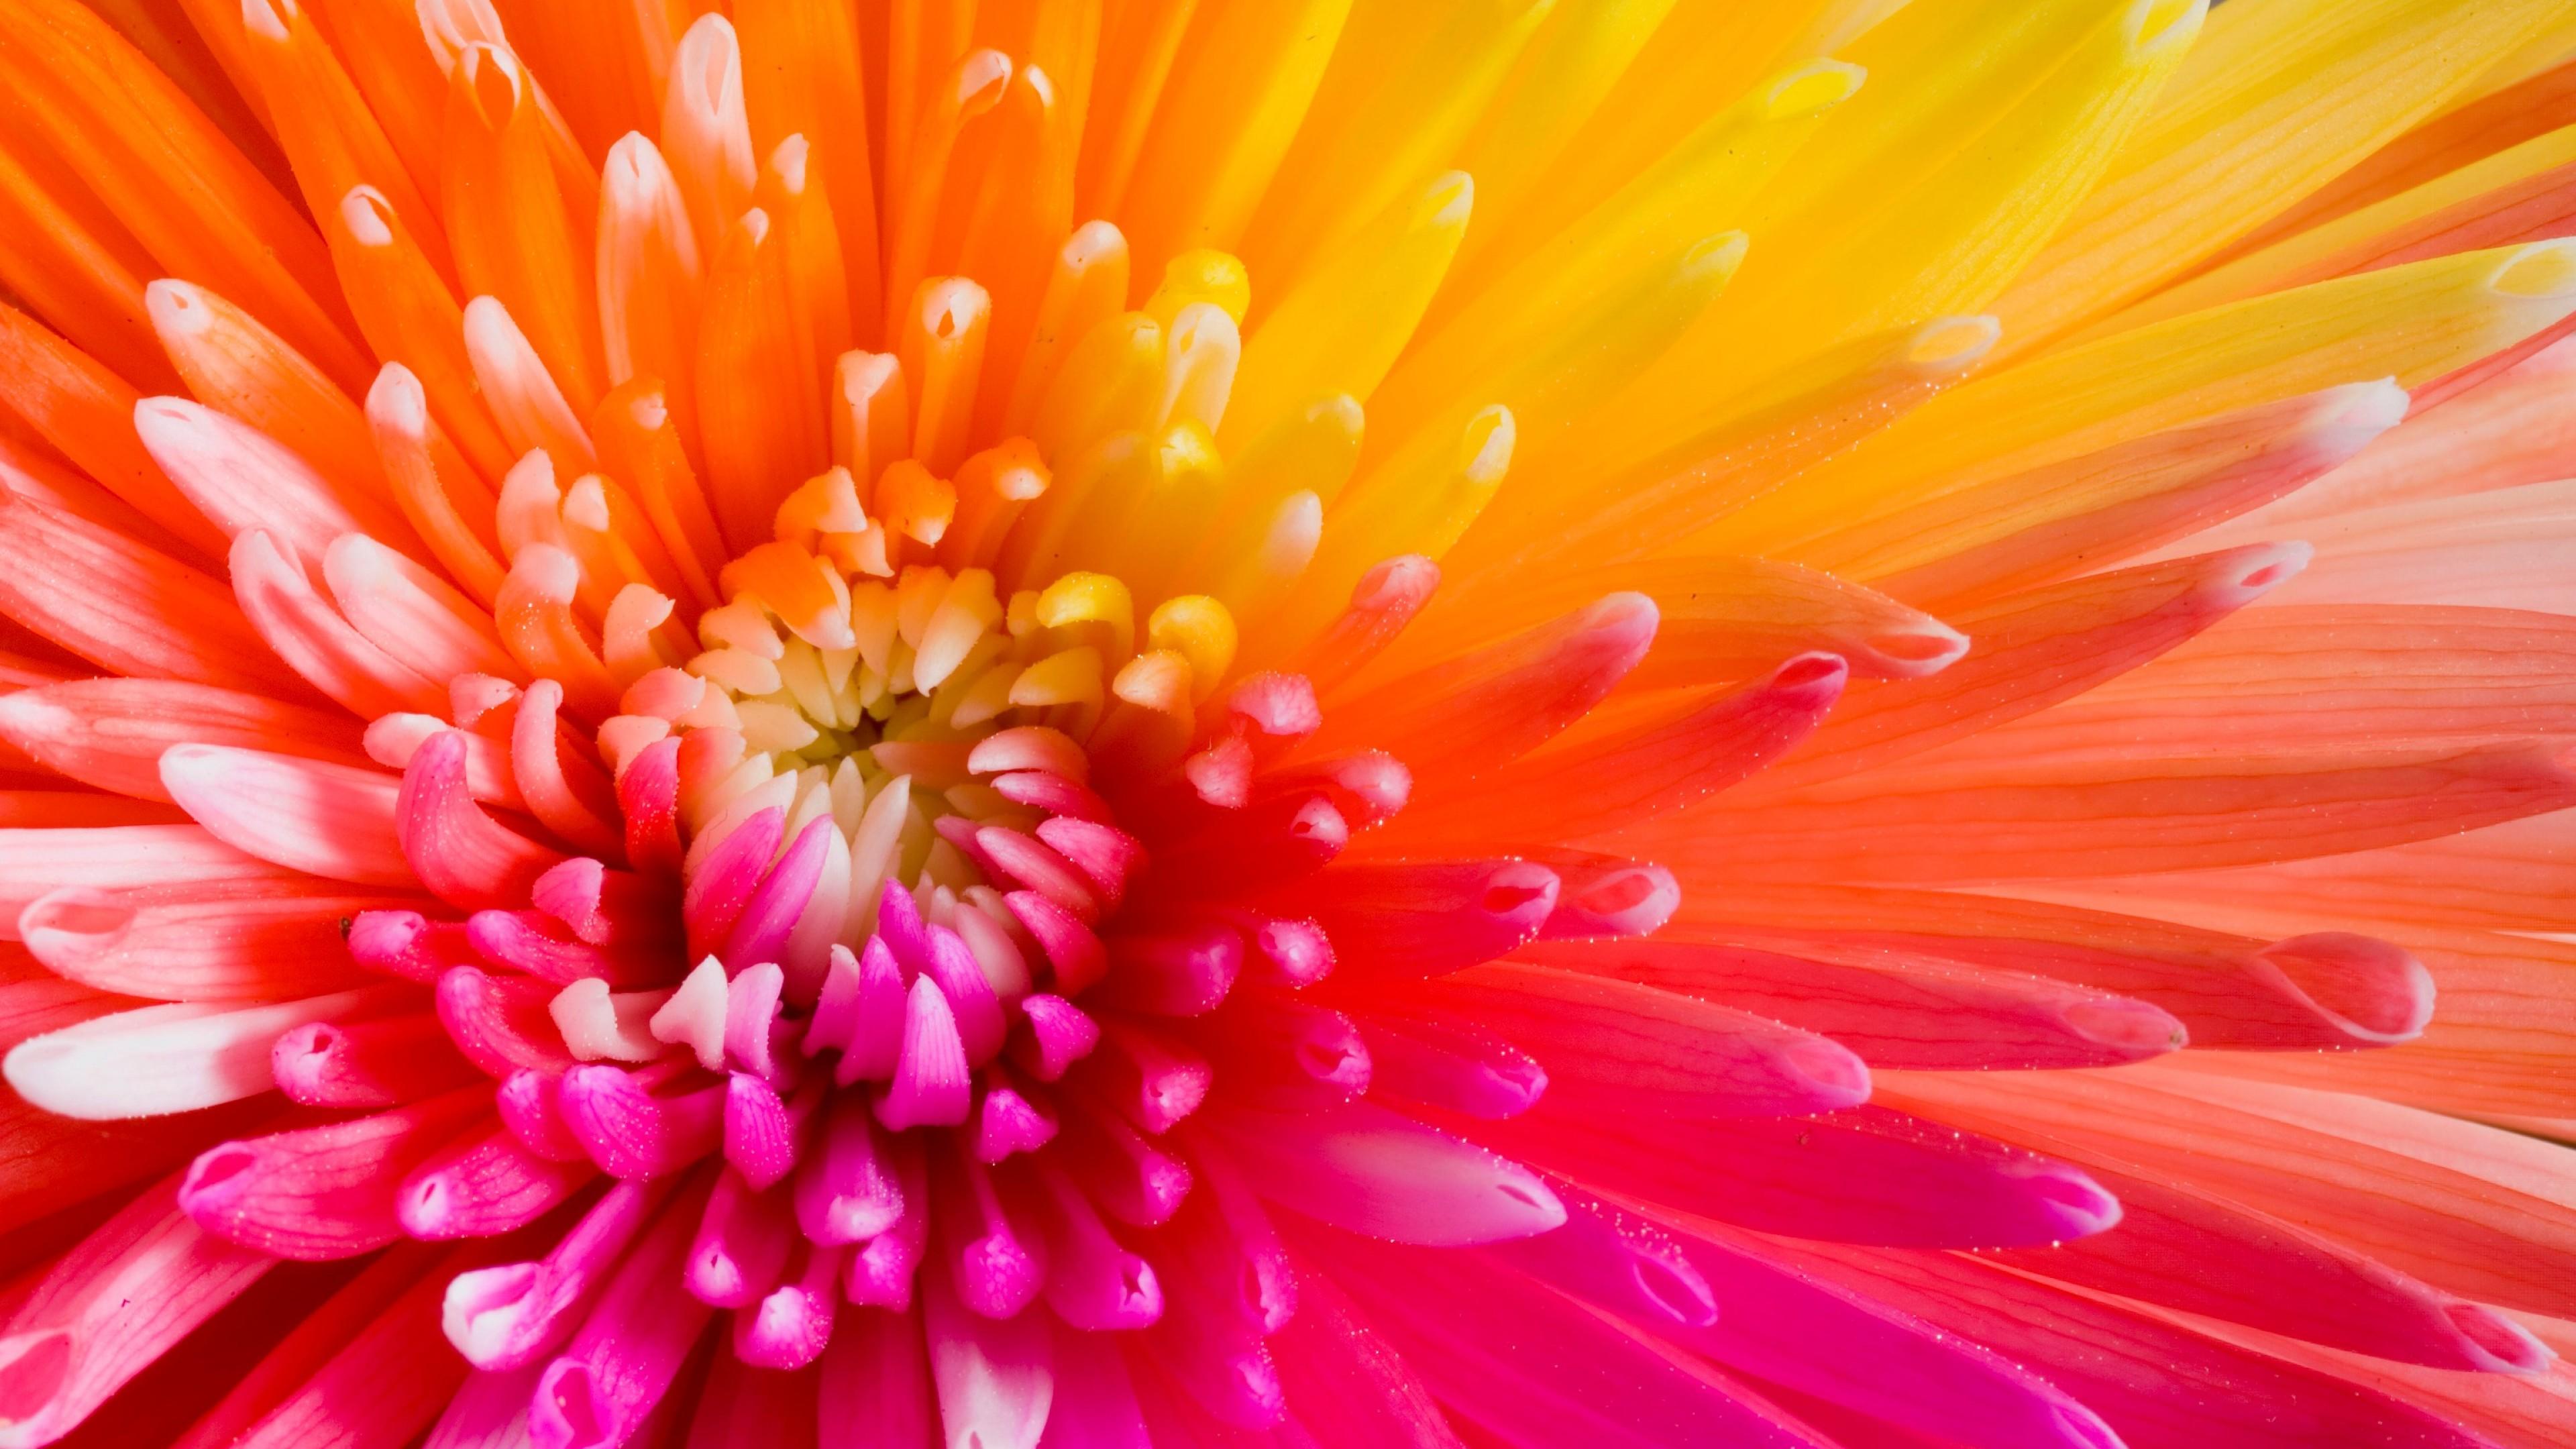 Wallpaper colourful flowers, 4k, HD wallpaper, flowers